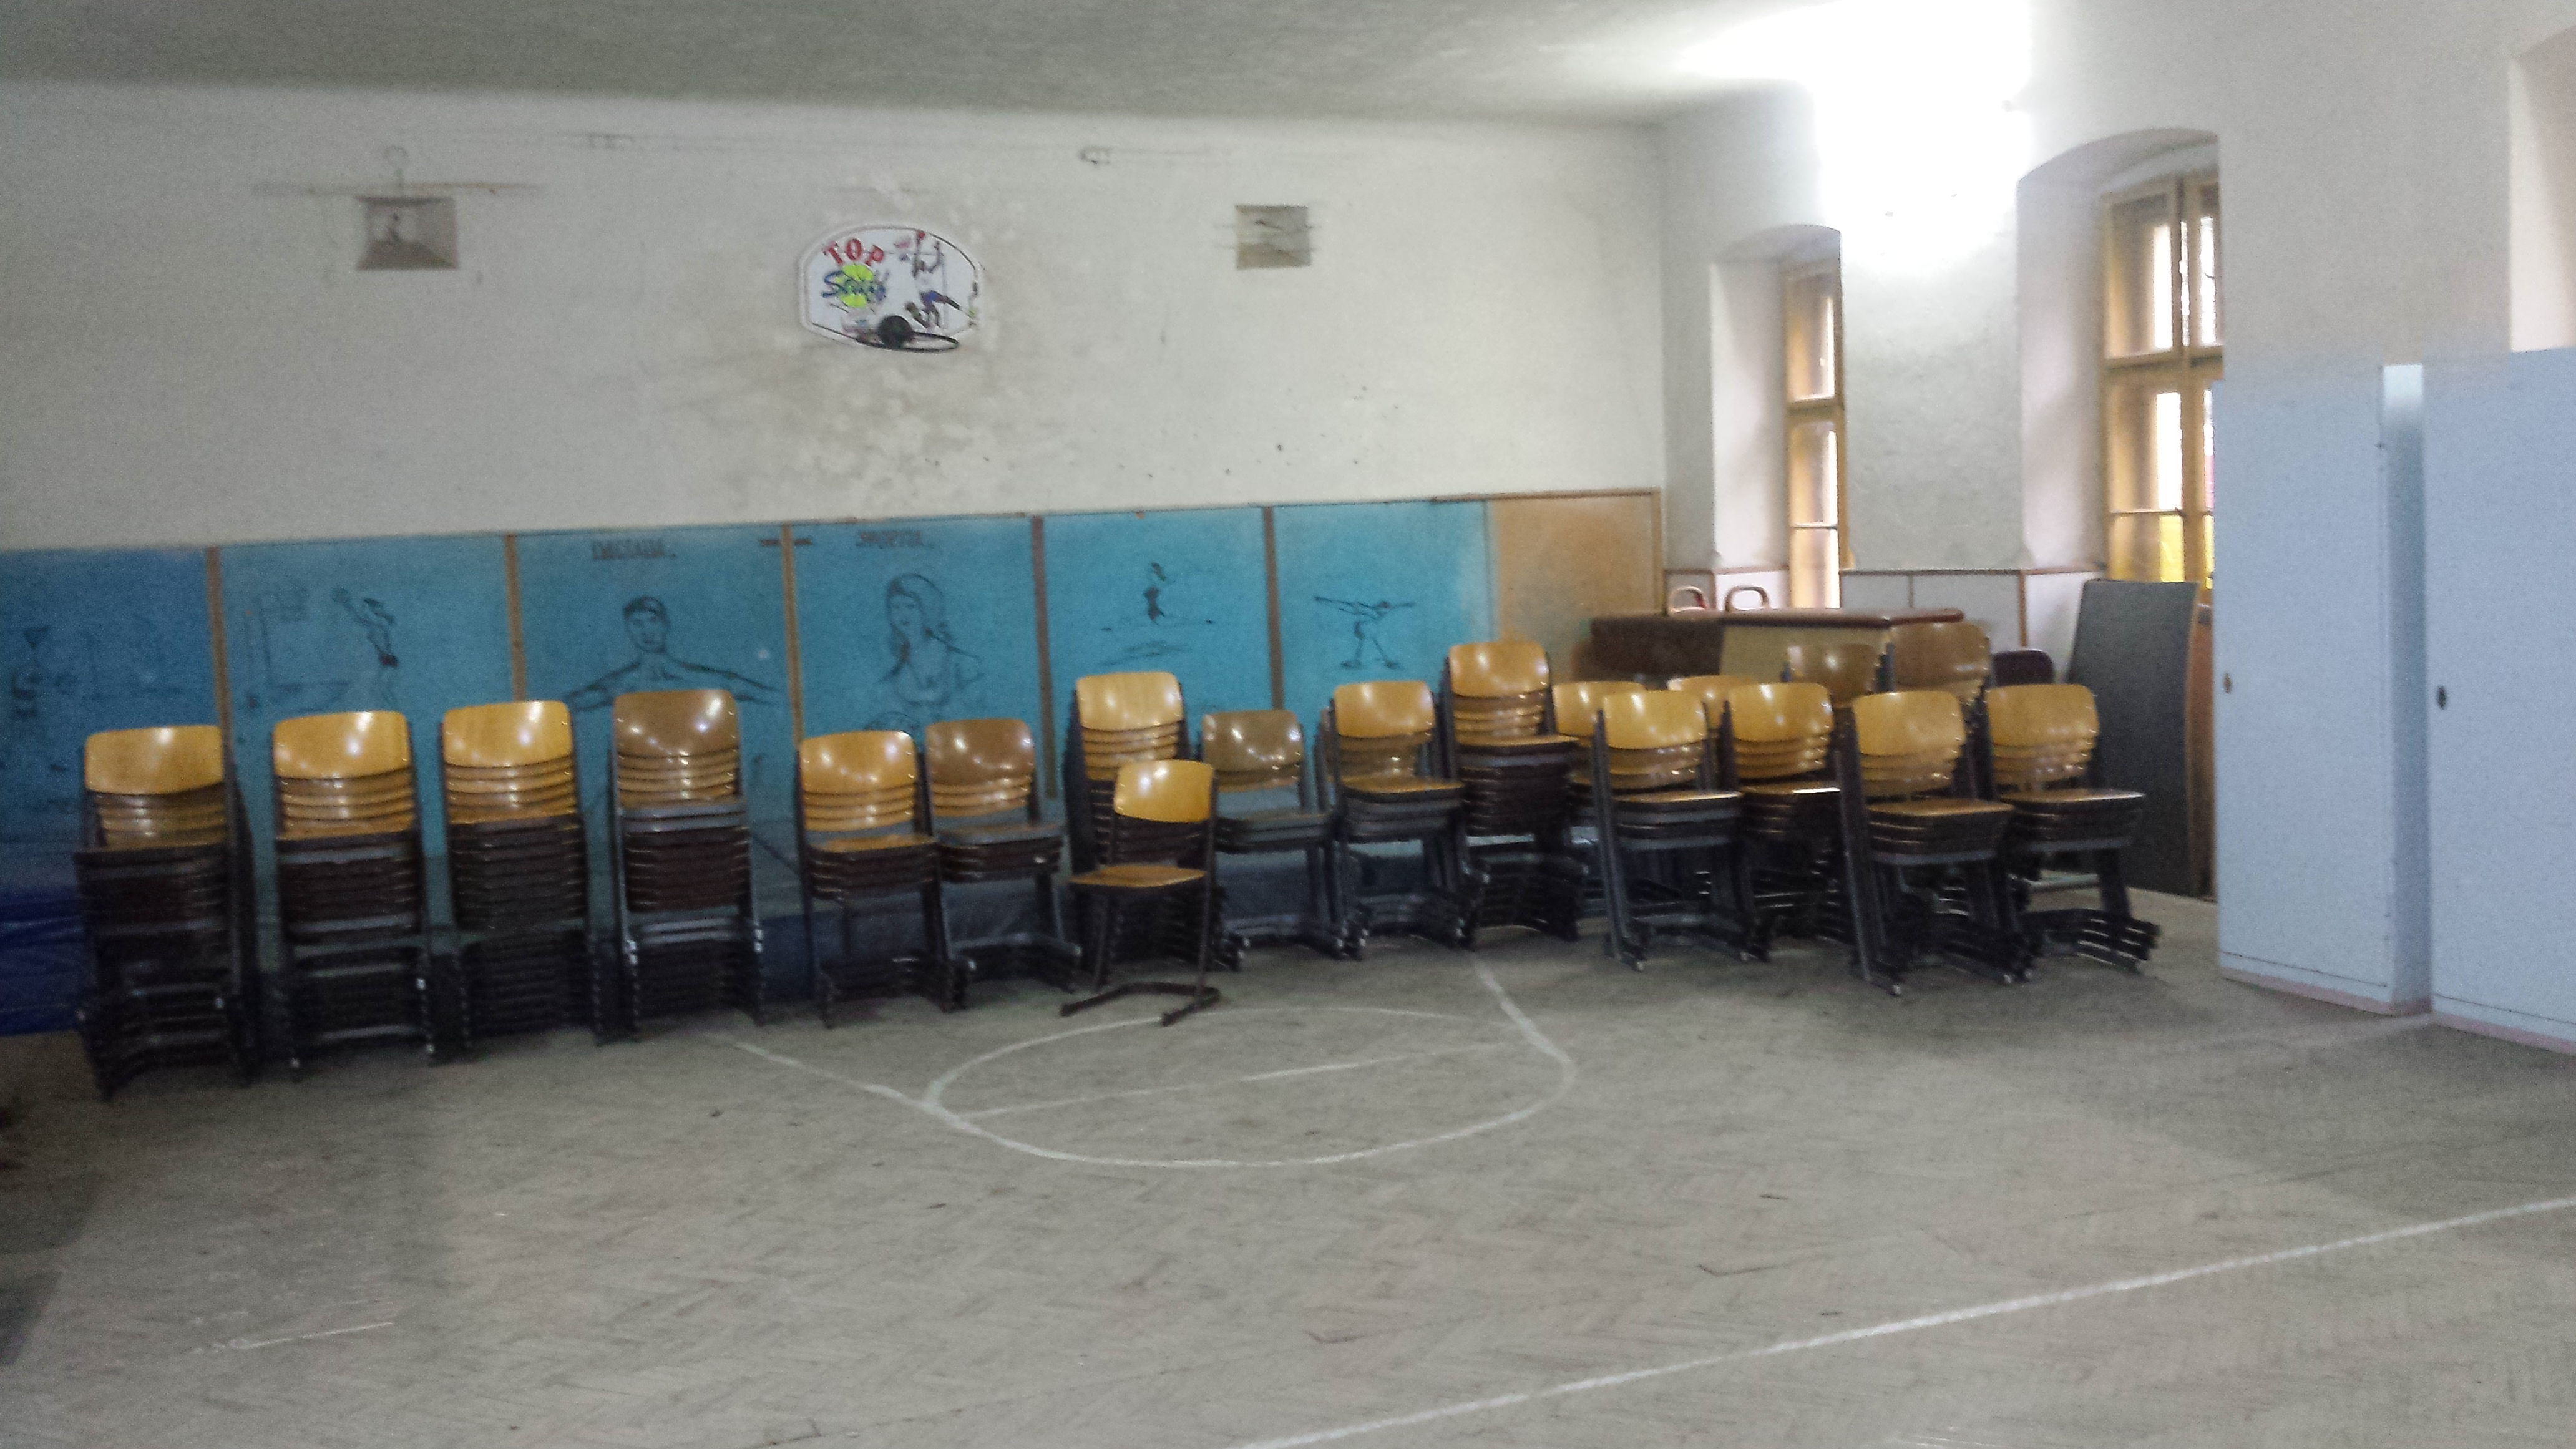 Scaunele pentru elevi si dulapurile au fost aduse la Liceul Atanasie Marienescu Lipova